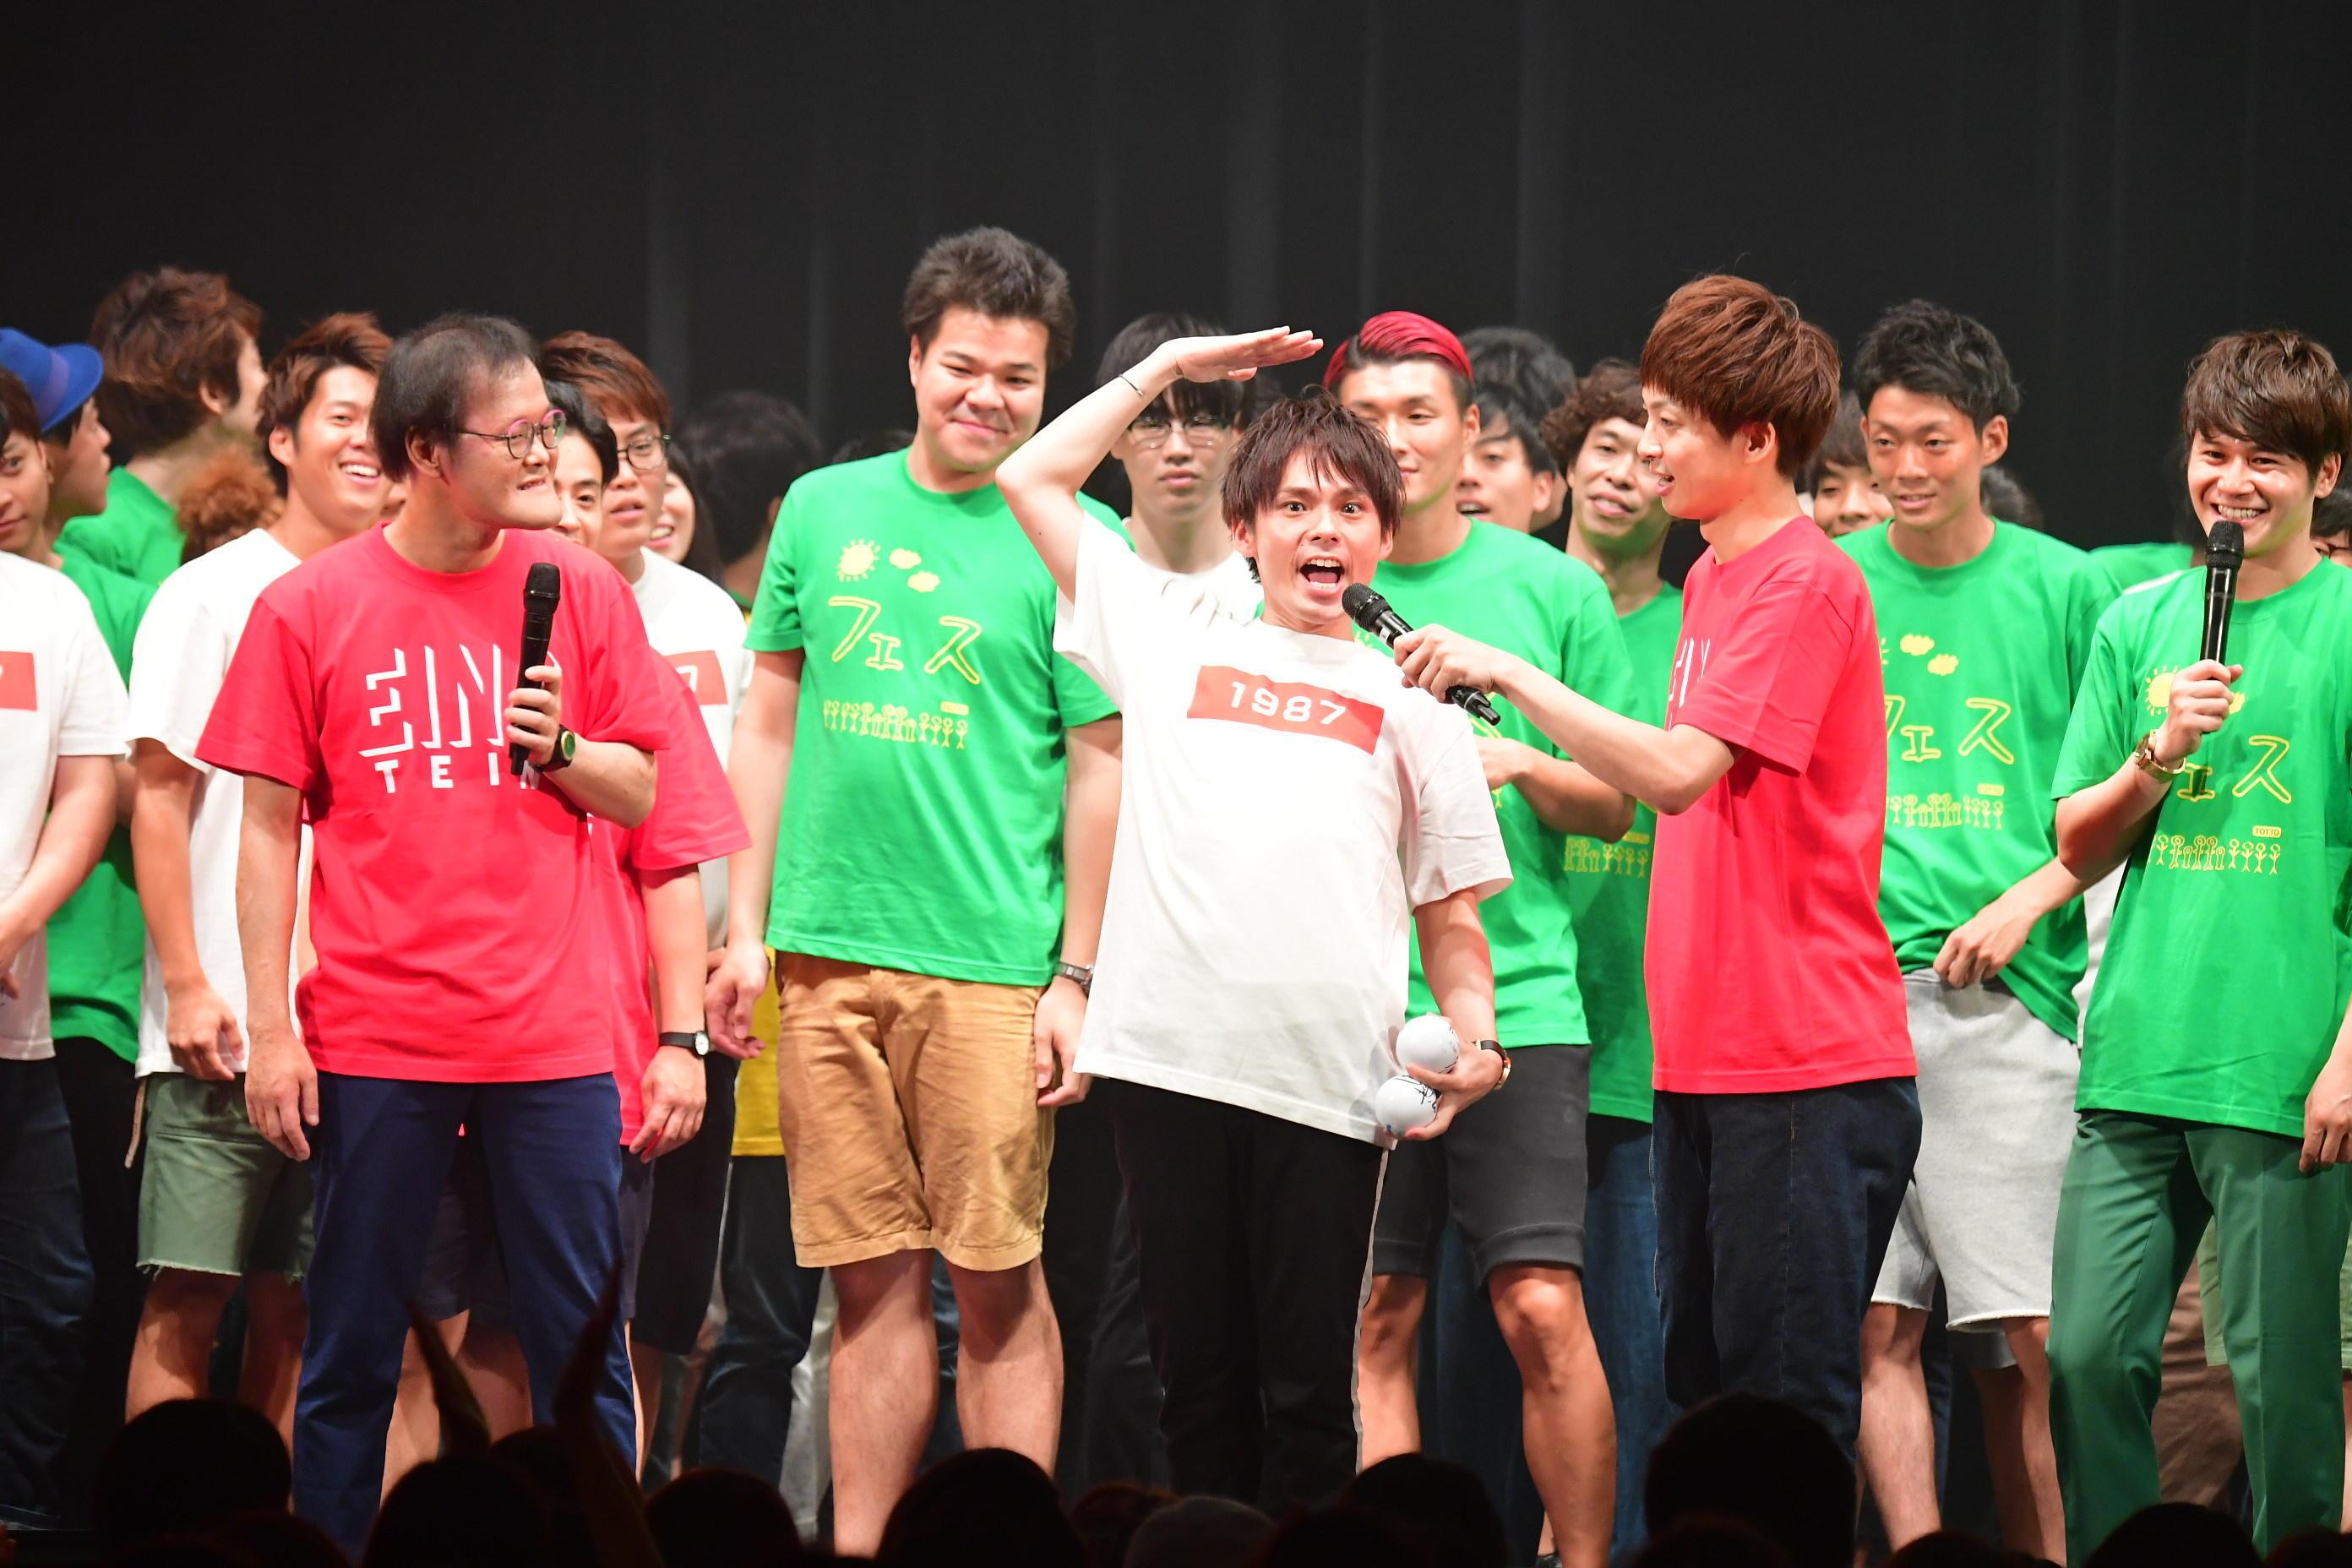 http://news.yoshimoto.co.jp/20180803005816-38c221234f140a600f41f4f94fd9a65f8f75705b.jpg